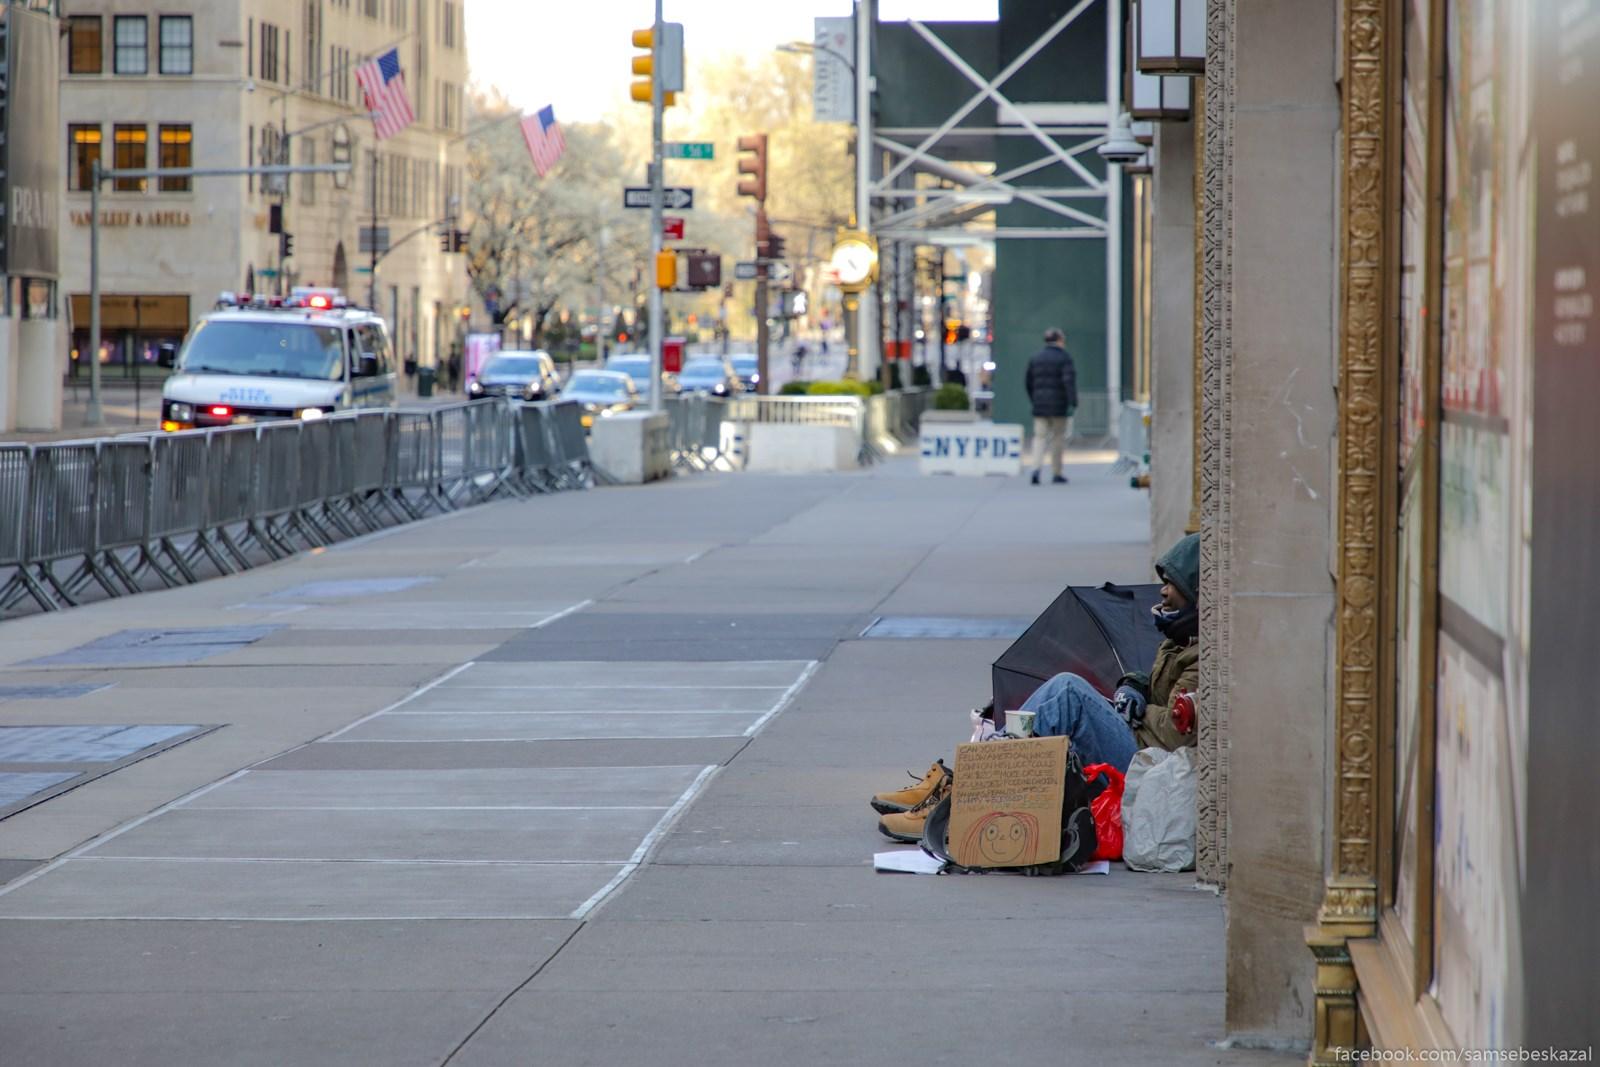 Bezdomnym sovsem tazelo. Istocnik dohodov v vide ludej issak. Na foto Pataa avenu, gde obycno tolpy.